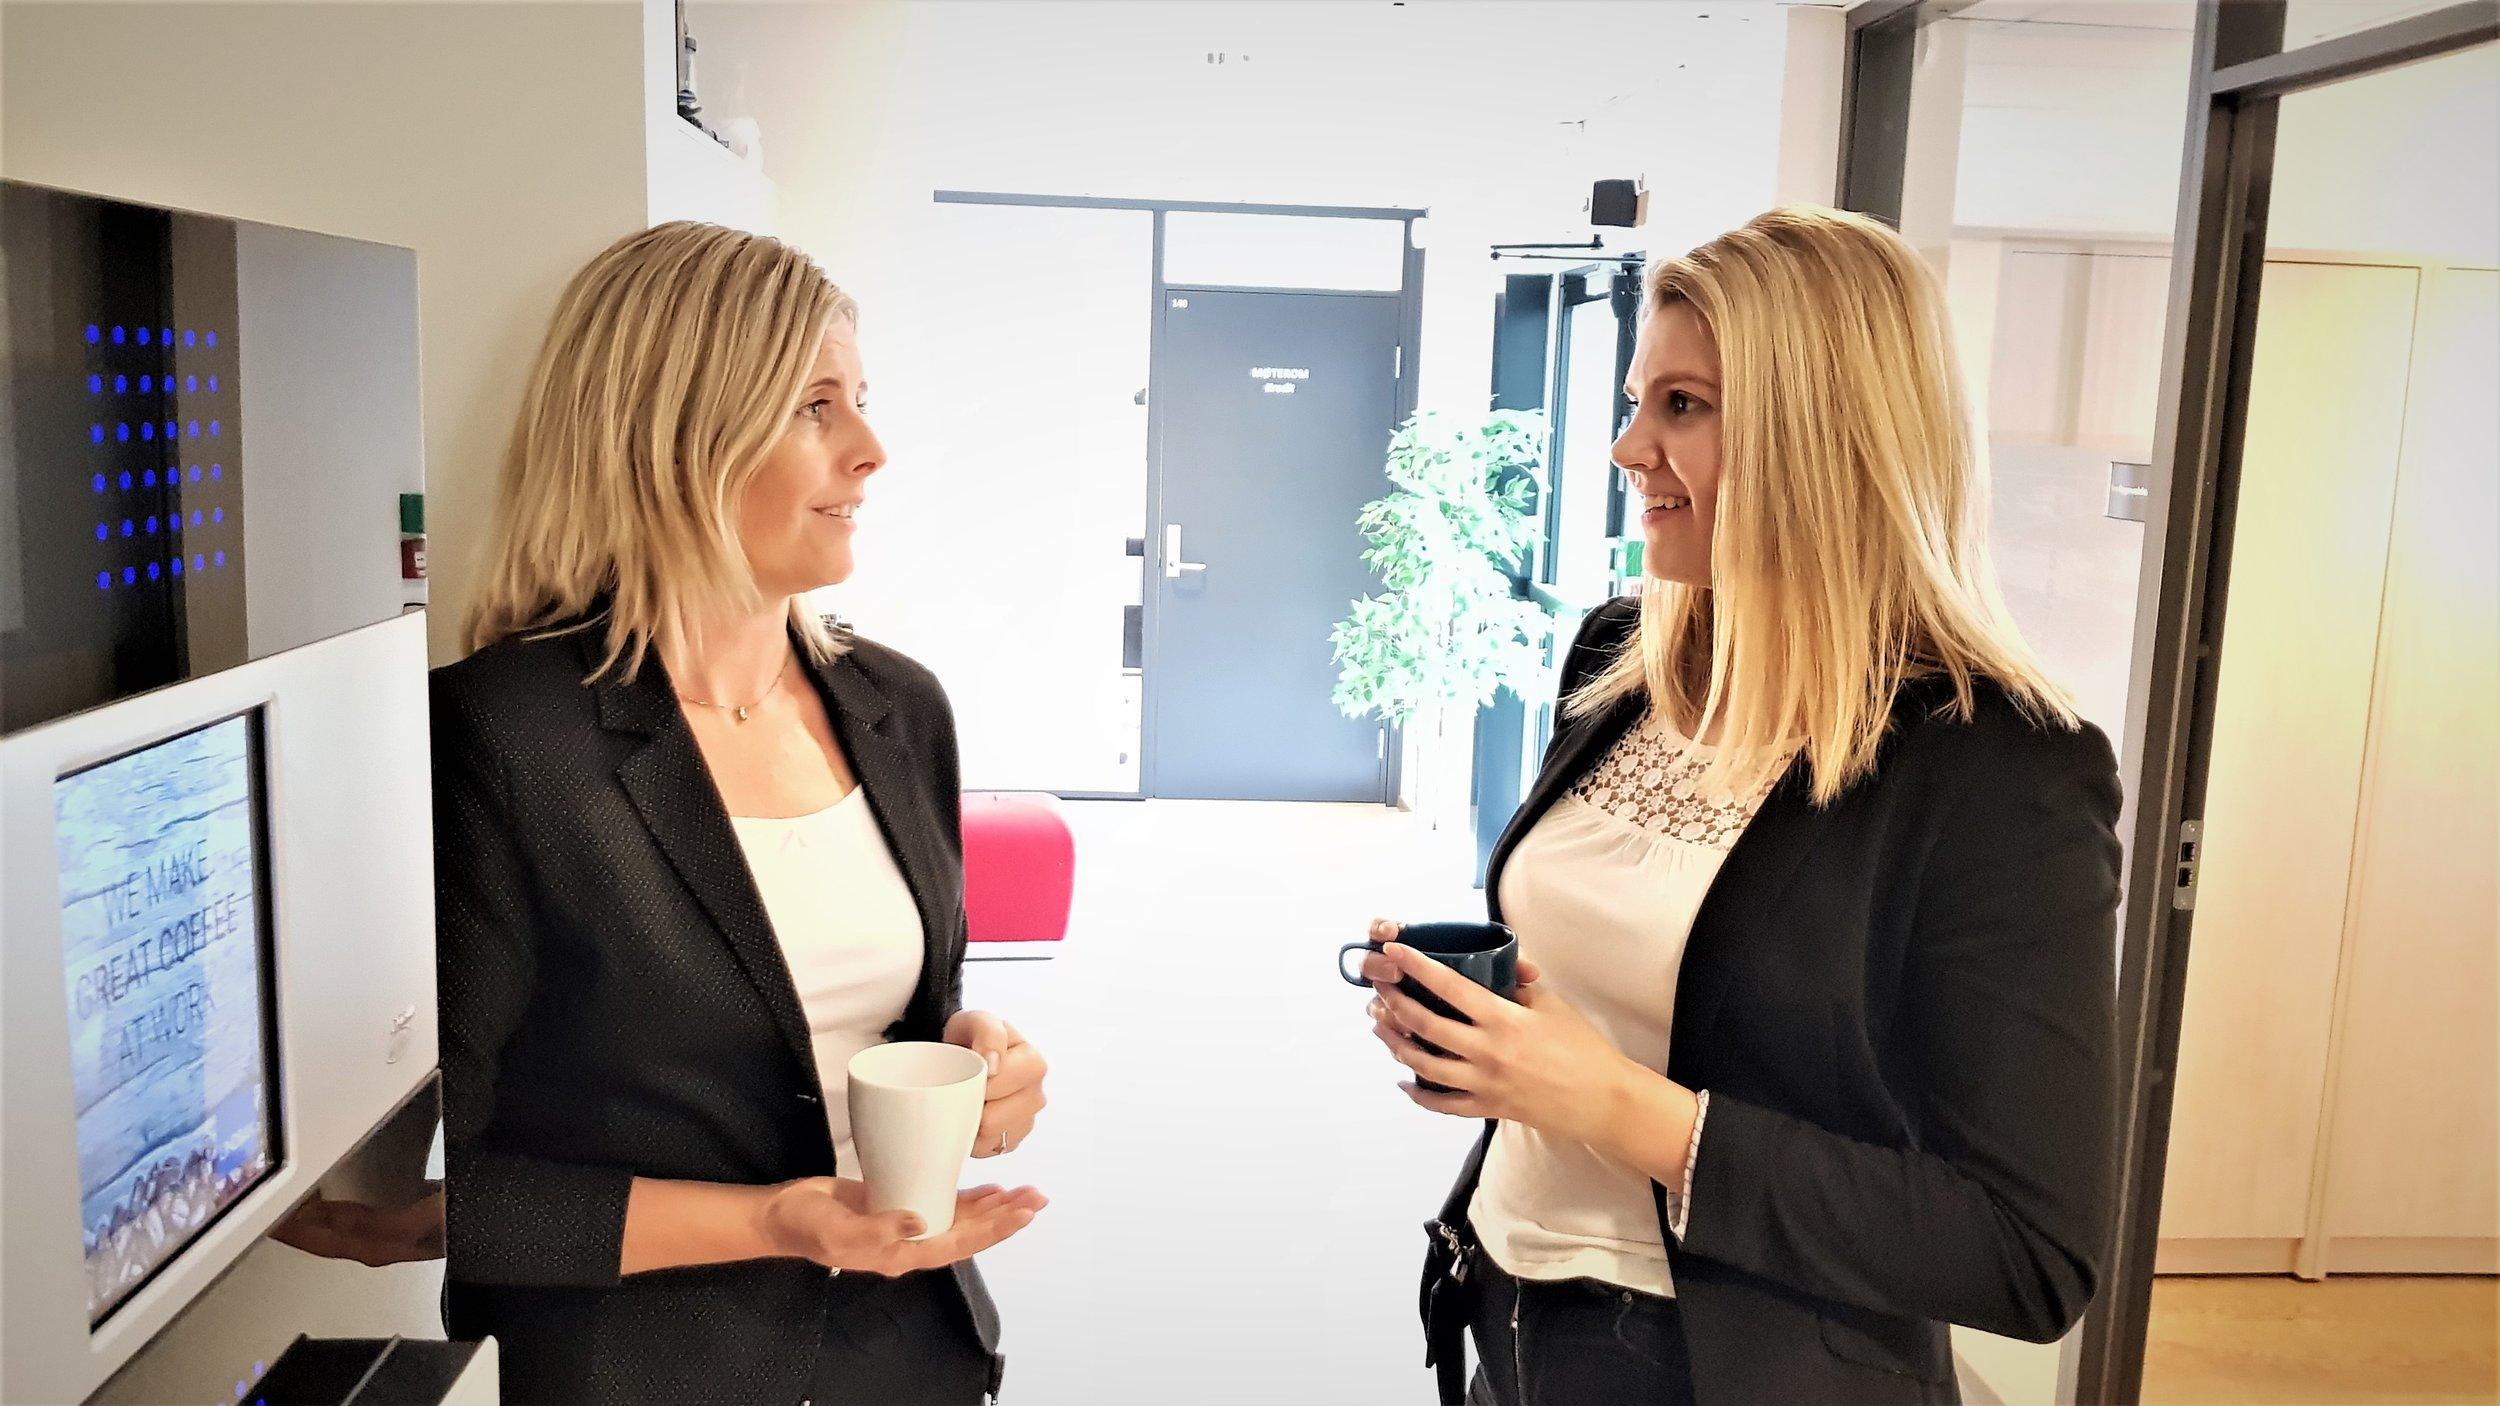 Rådgiver og samtalepartner - Rollen som autorisert regnskapsfører blir stadig oftere som rådgiver og samtalepartner innen økonomi.